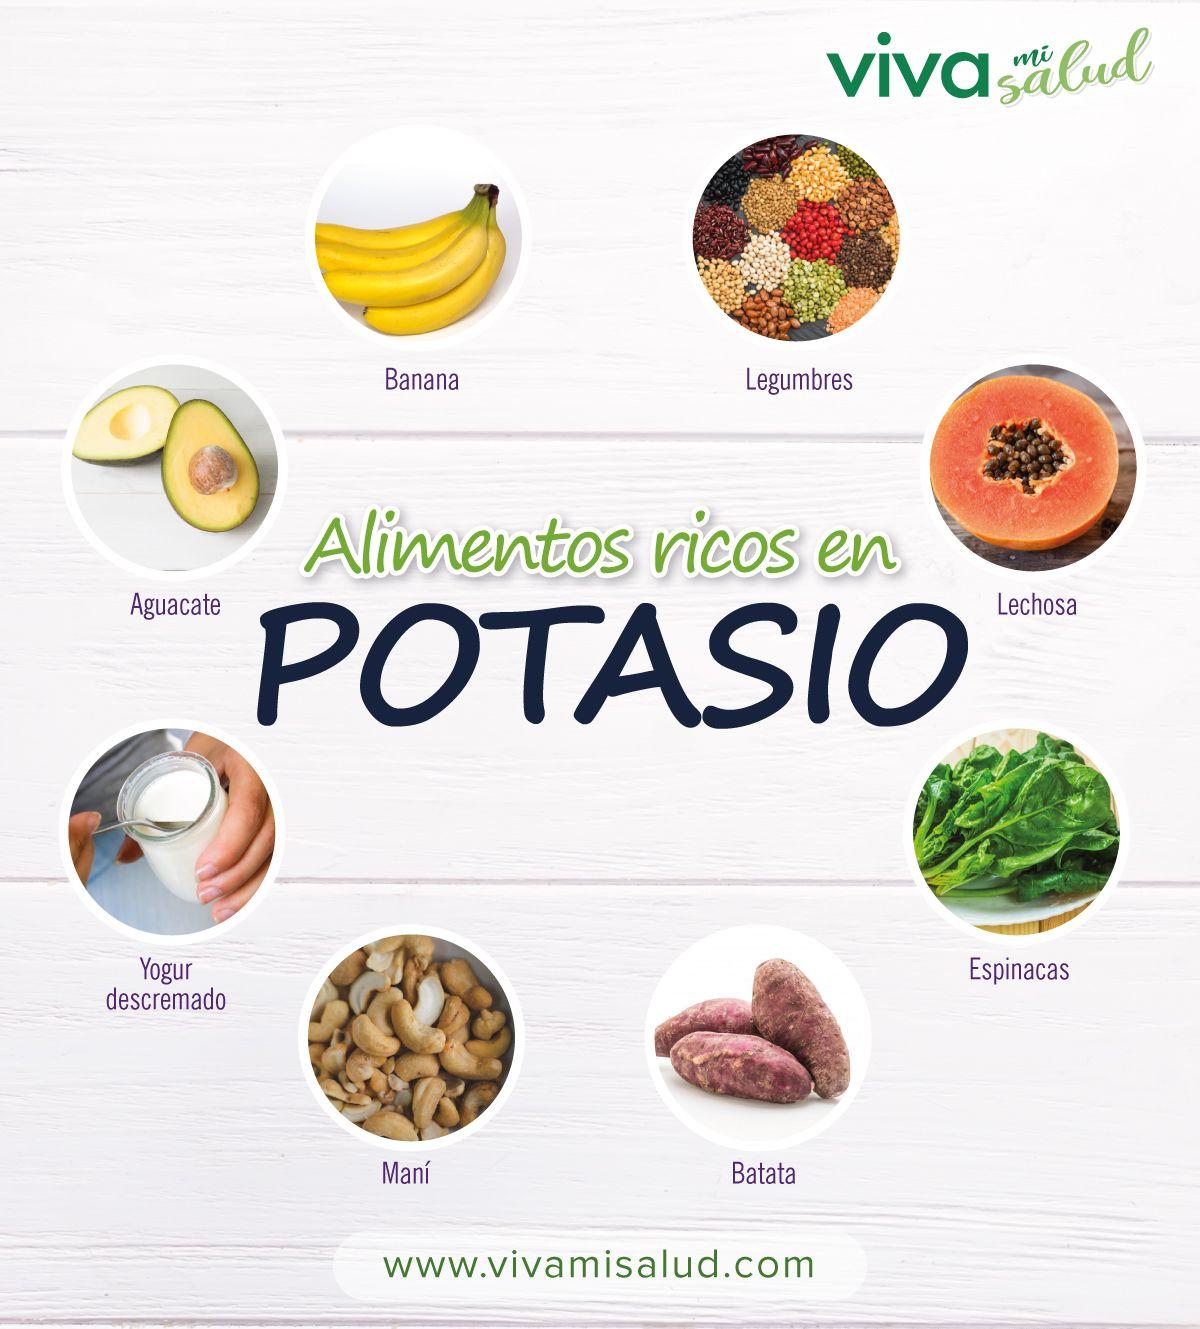 Potasio Por Que Es Importante Para Tu Organismo Comida Saludable Adelgazar Recetas Salud Y Nutricion Alimentos Ricos En Potasio